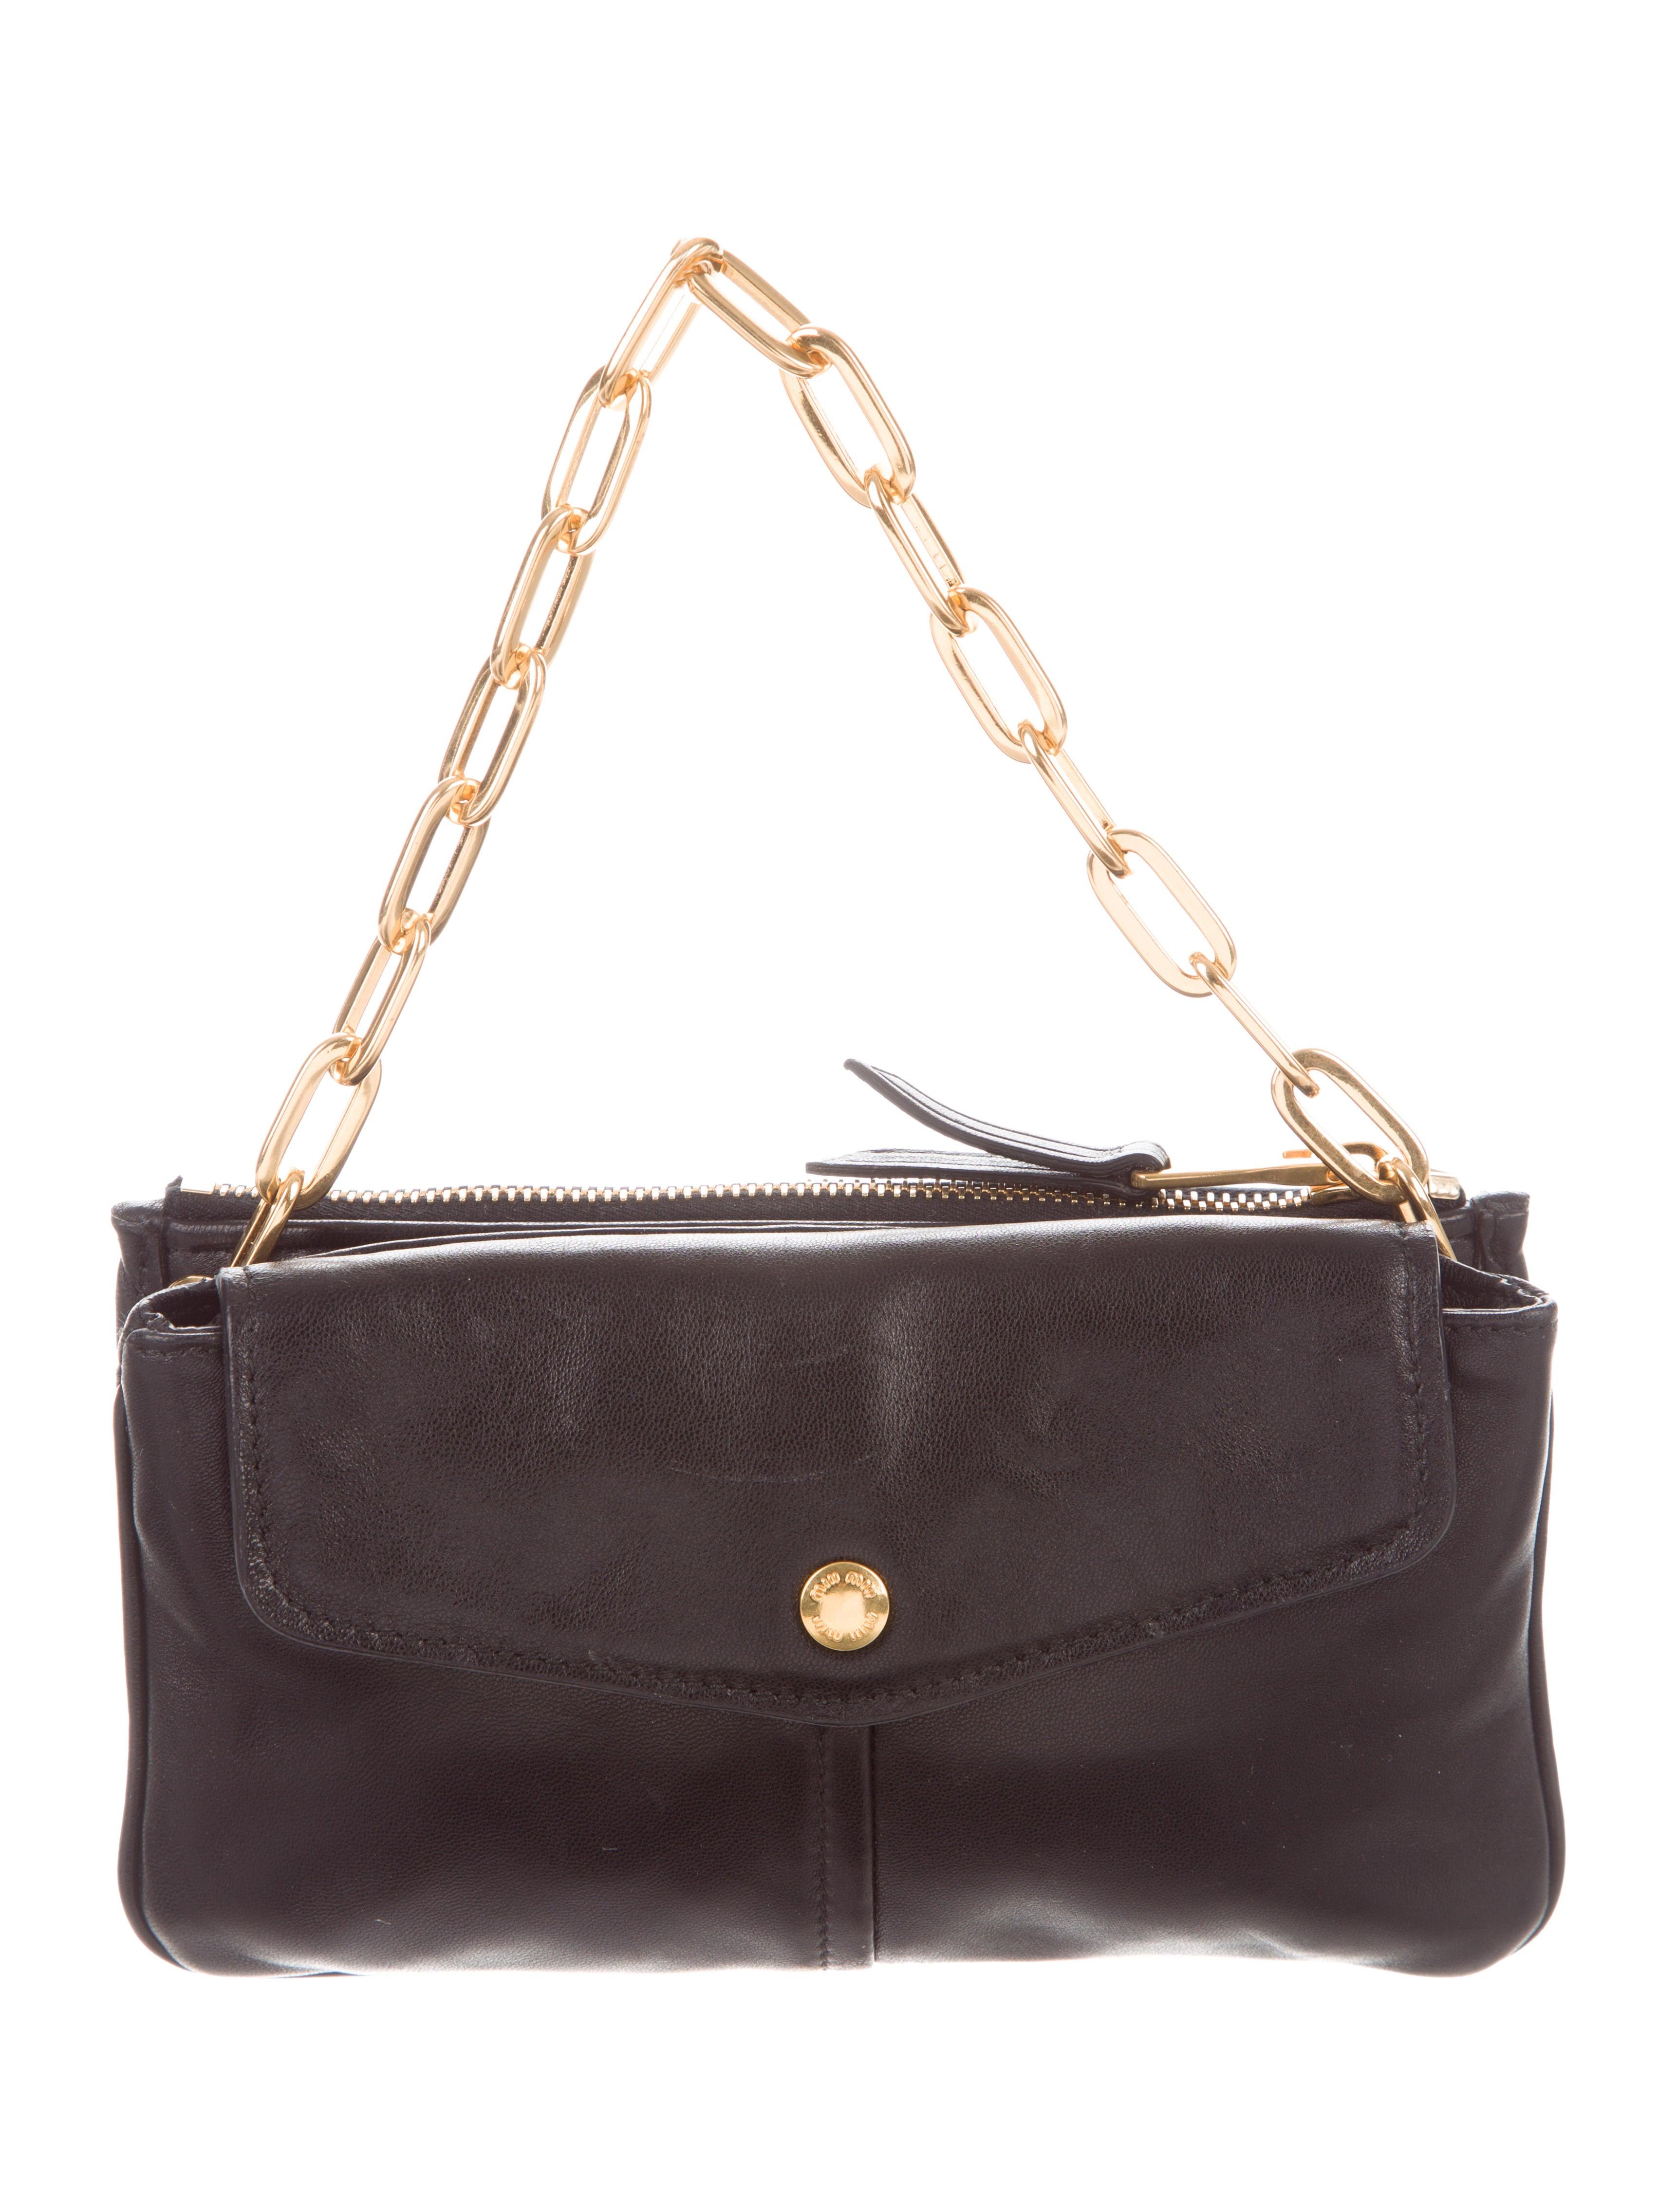 6b237aaa07c38 Miu Miu Convertible Crossbody Bag - Handbags - MIU73337